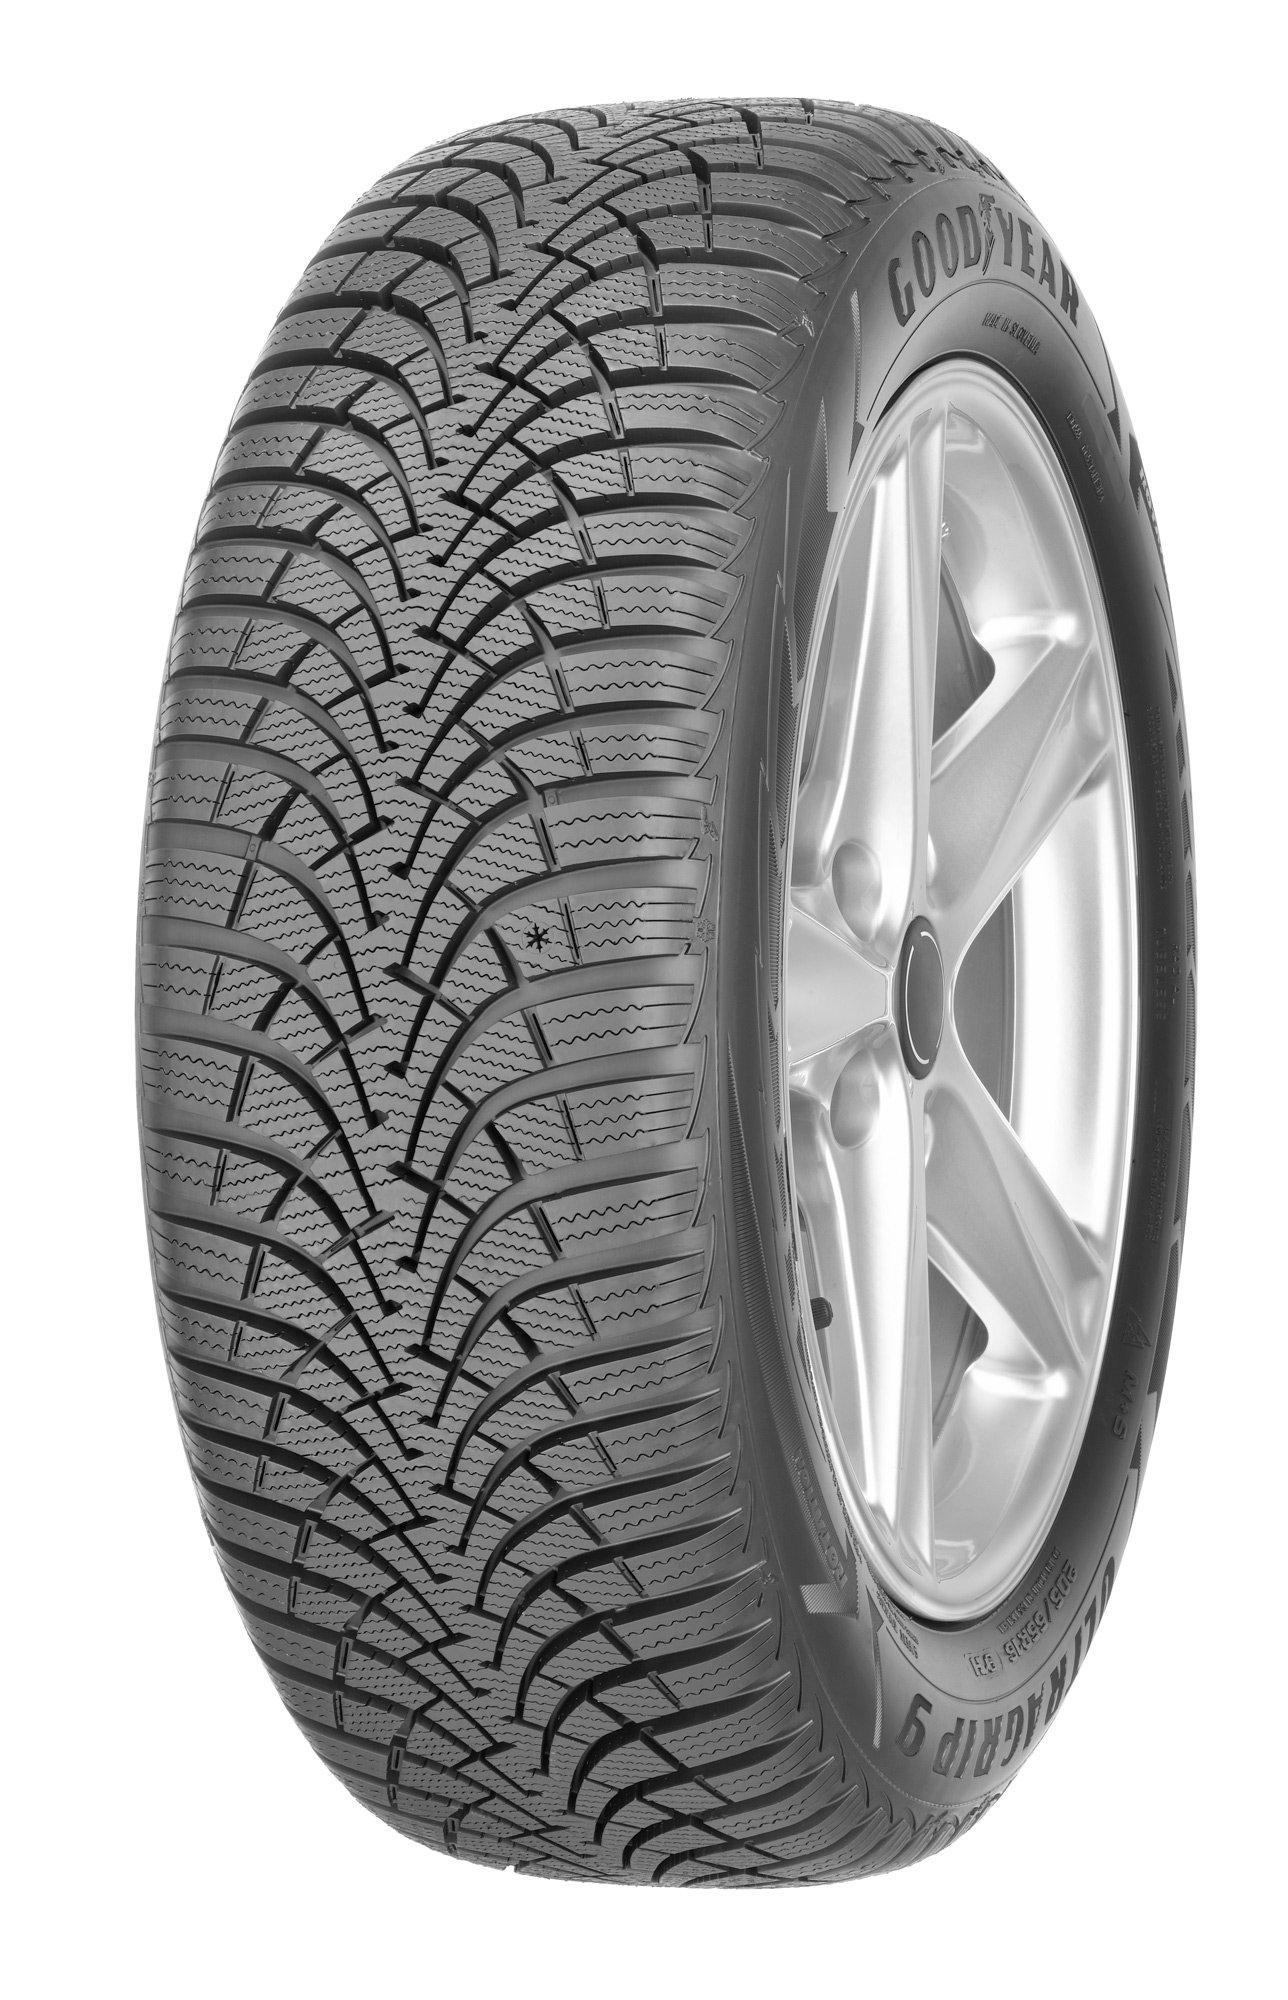 Neumático GOODYEAR ULTRAGRIP 9 MS 195/65R15 91